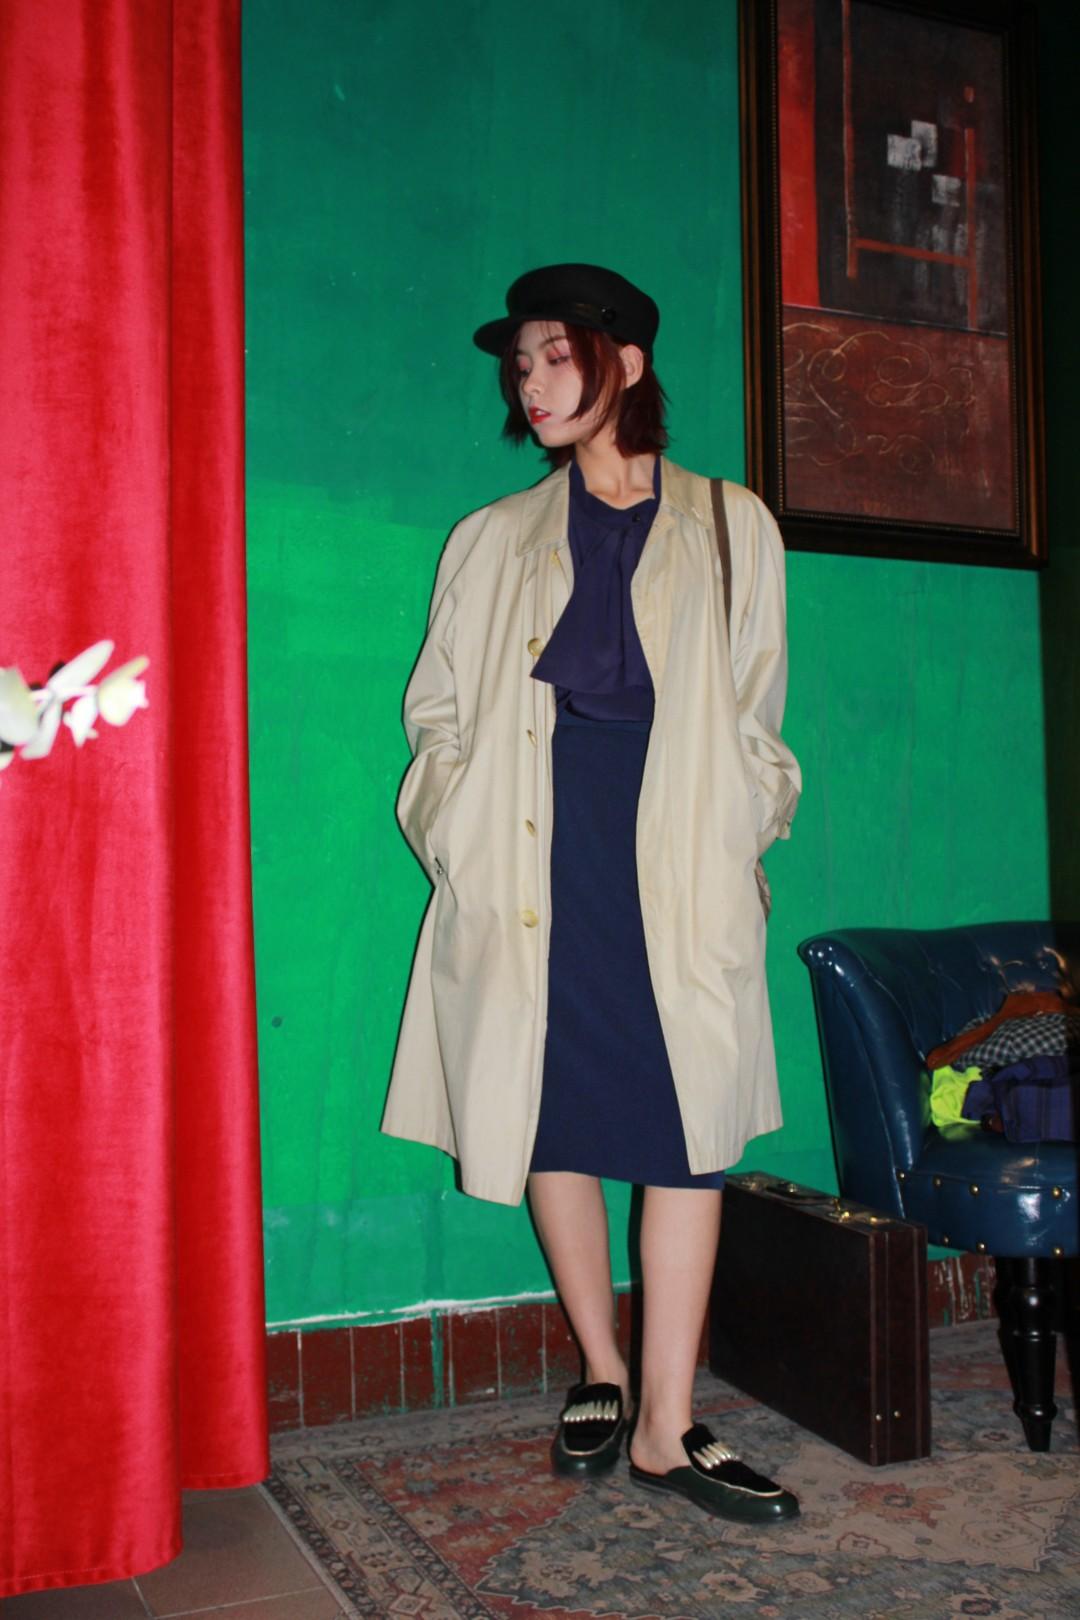 #秋装上新穿搭打卡#风衣的季节来啦 好搭配还保暖 谁不爱呢! 内搭配深色系半身裙加质感衬衫 脱掉外套就是通勤时尚女孩哦!